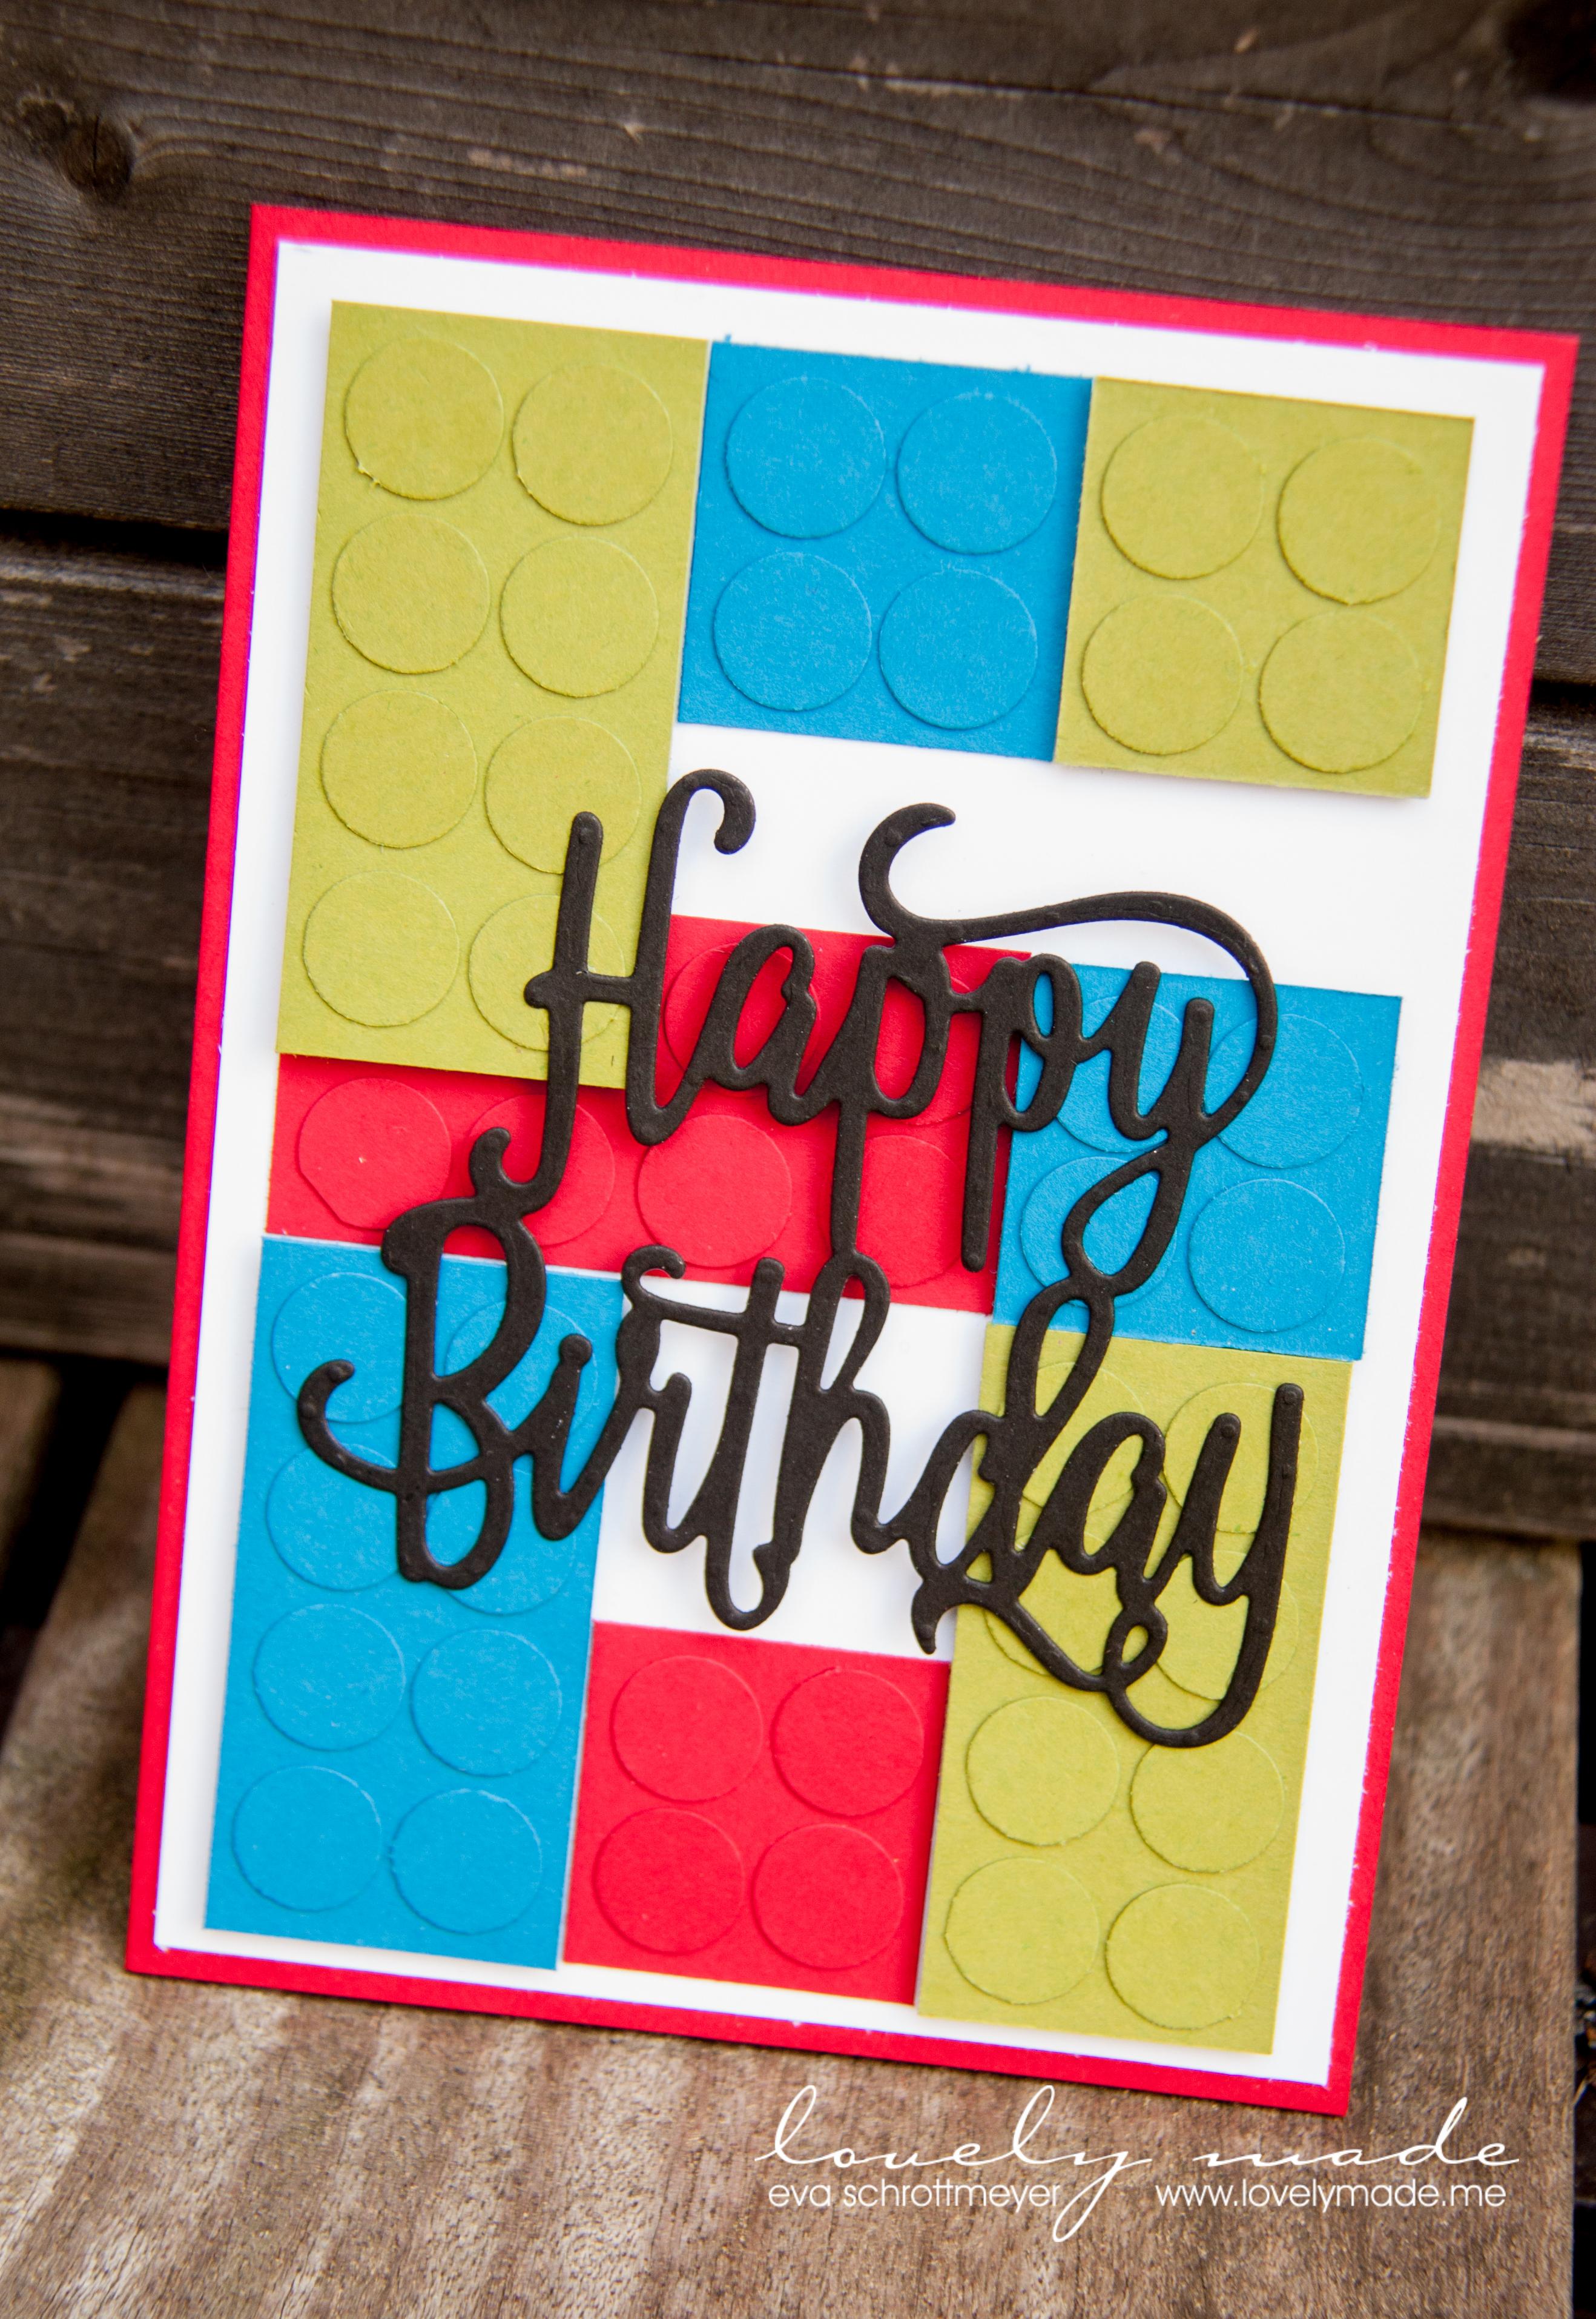 Lego Geburtstagskarte – ein bisschen Punch Art | lovelymade